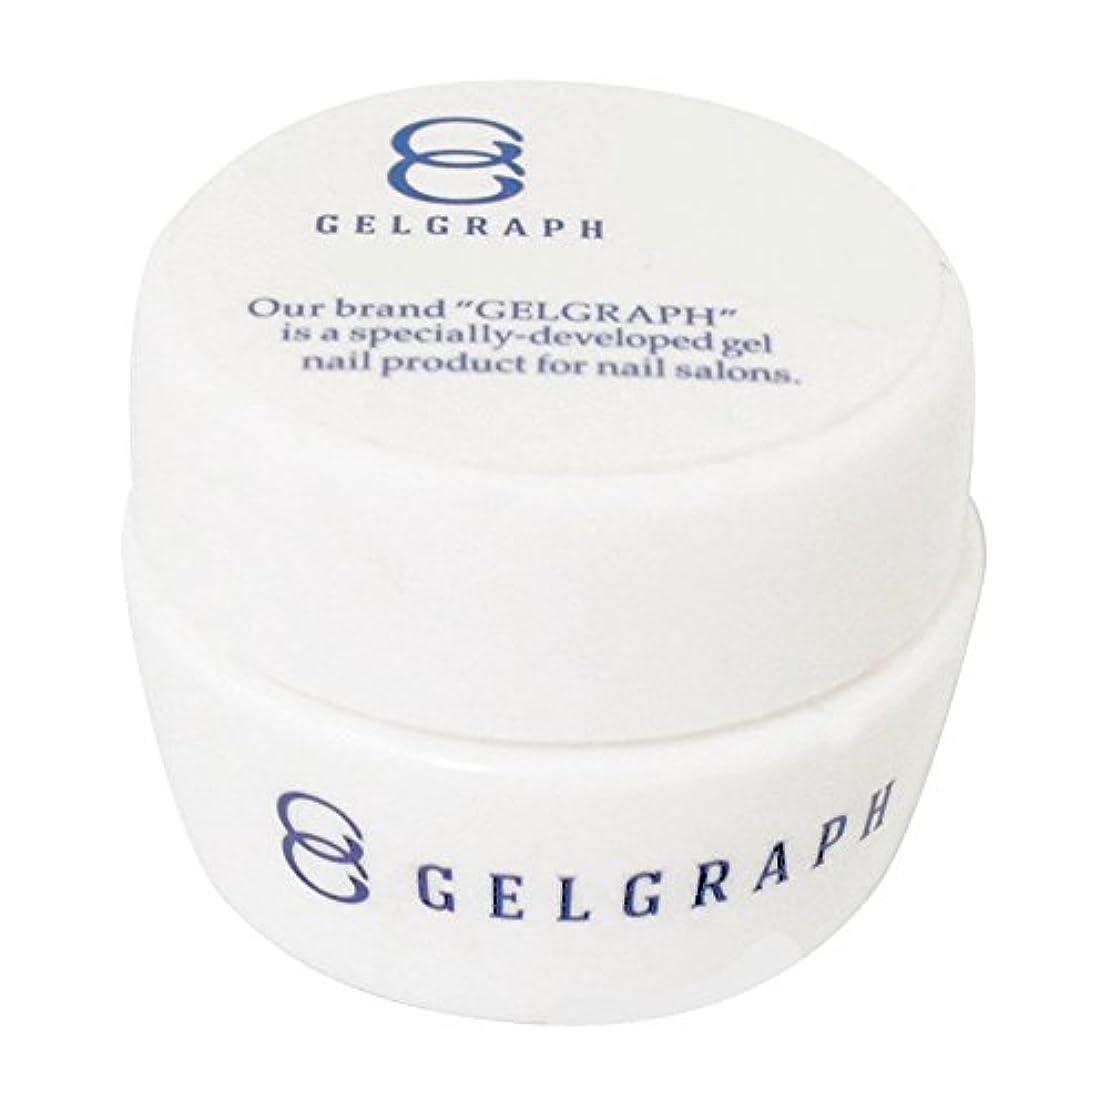 論争の的人関係GELGRAPH カラージェル 151M ブラン ショコラ 5g UV/LED対応 ソークオフジェル